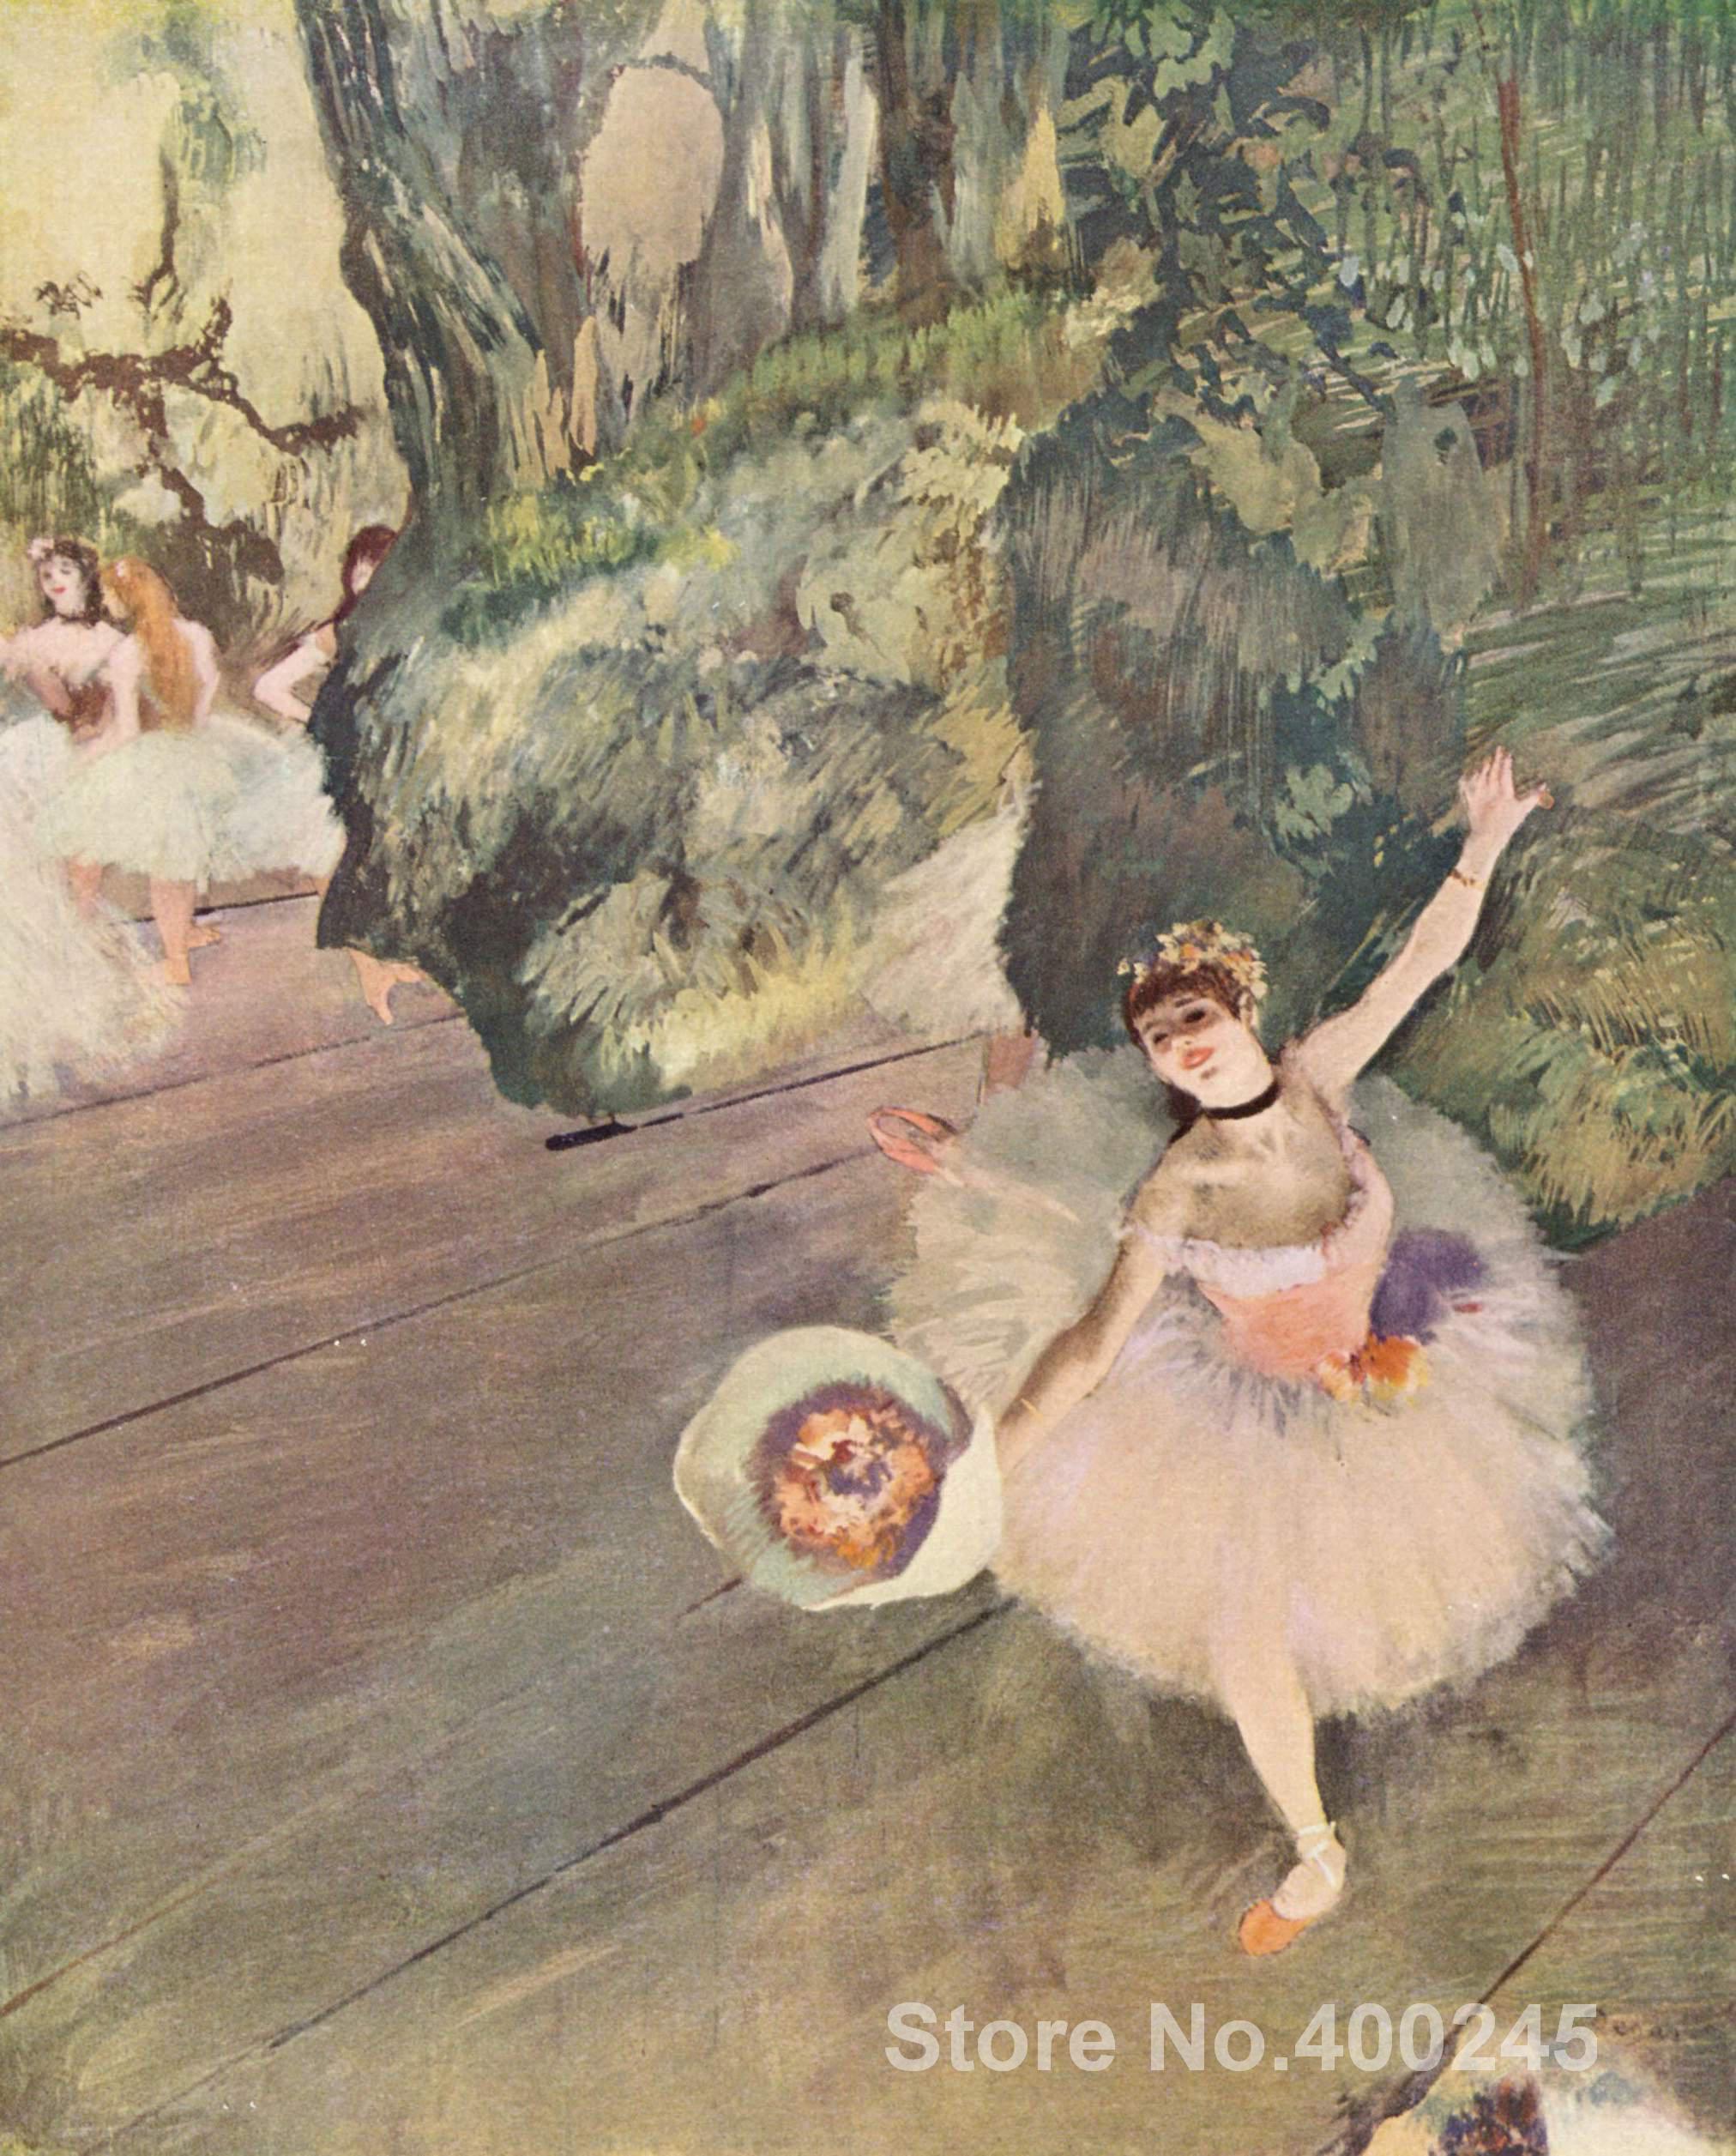 Art Minyak Lukisan Penari Dengan Karangan Bunga Bintang Dari Mata Kucing Cat Eye Mt03 For Mt25 Balet By Edgar Degas Kualitas Tinggi Handmade